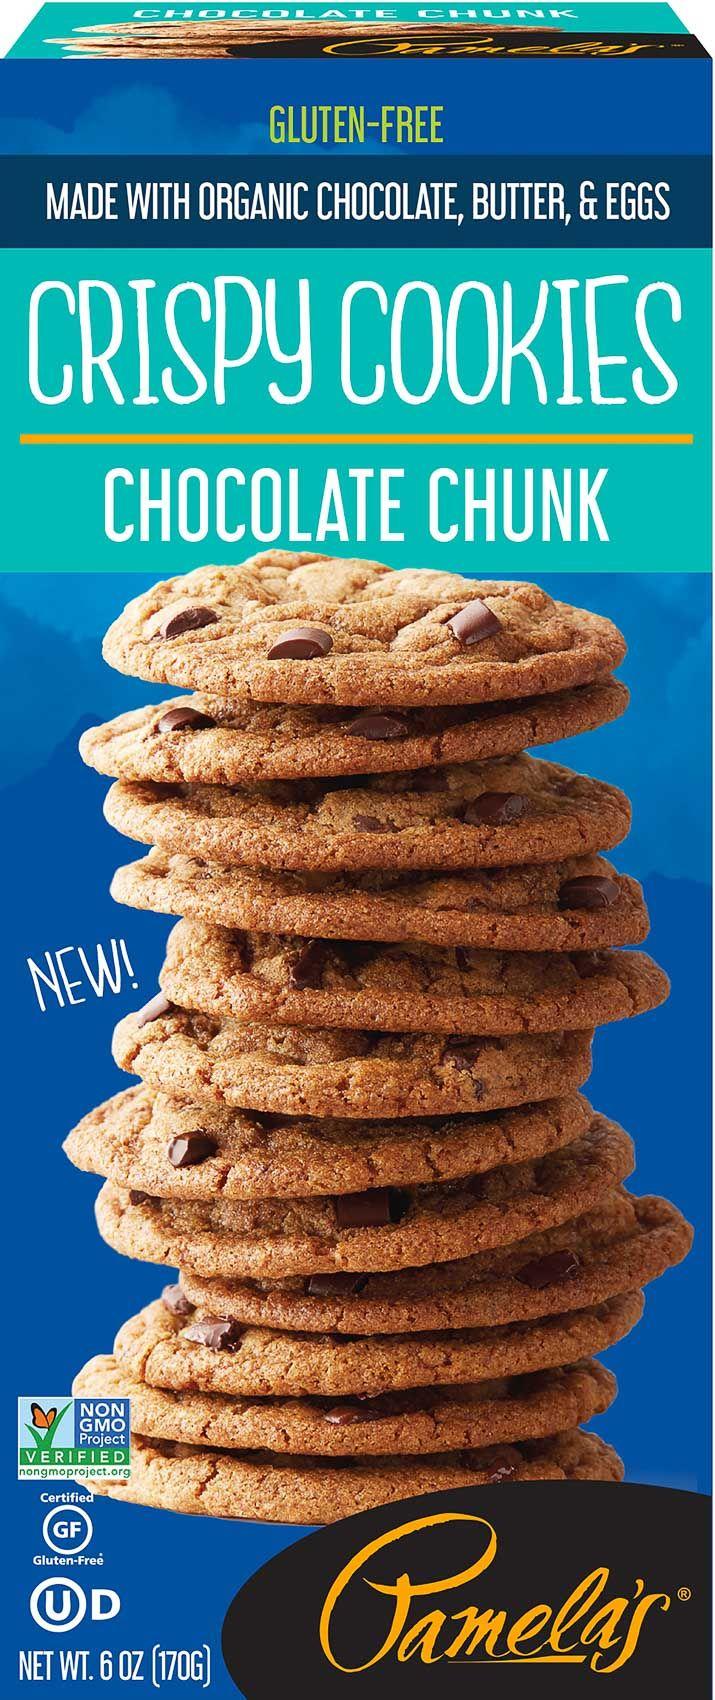 Pamelas_crispy_cookies_chocolate_chunk.jpg